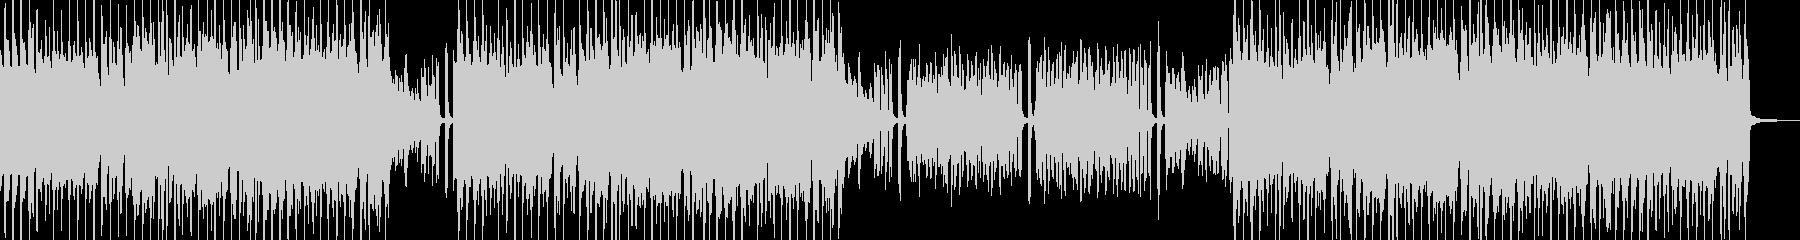 スィングポップ 打楽器無&ベース有の未再生の波形